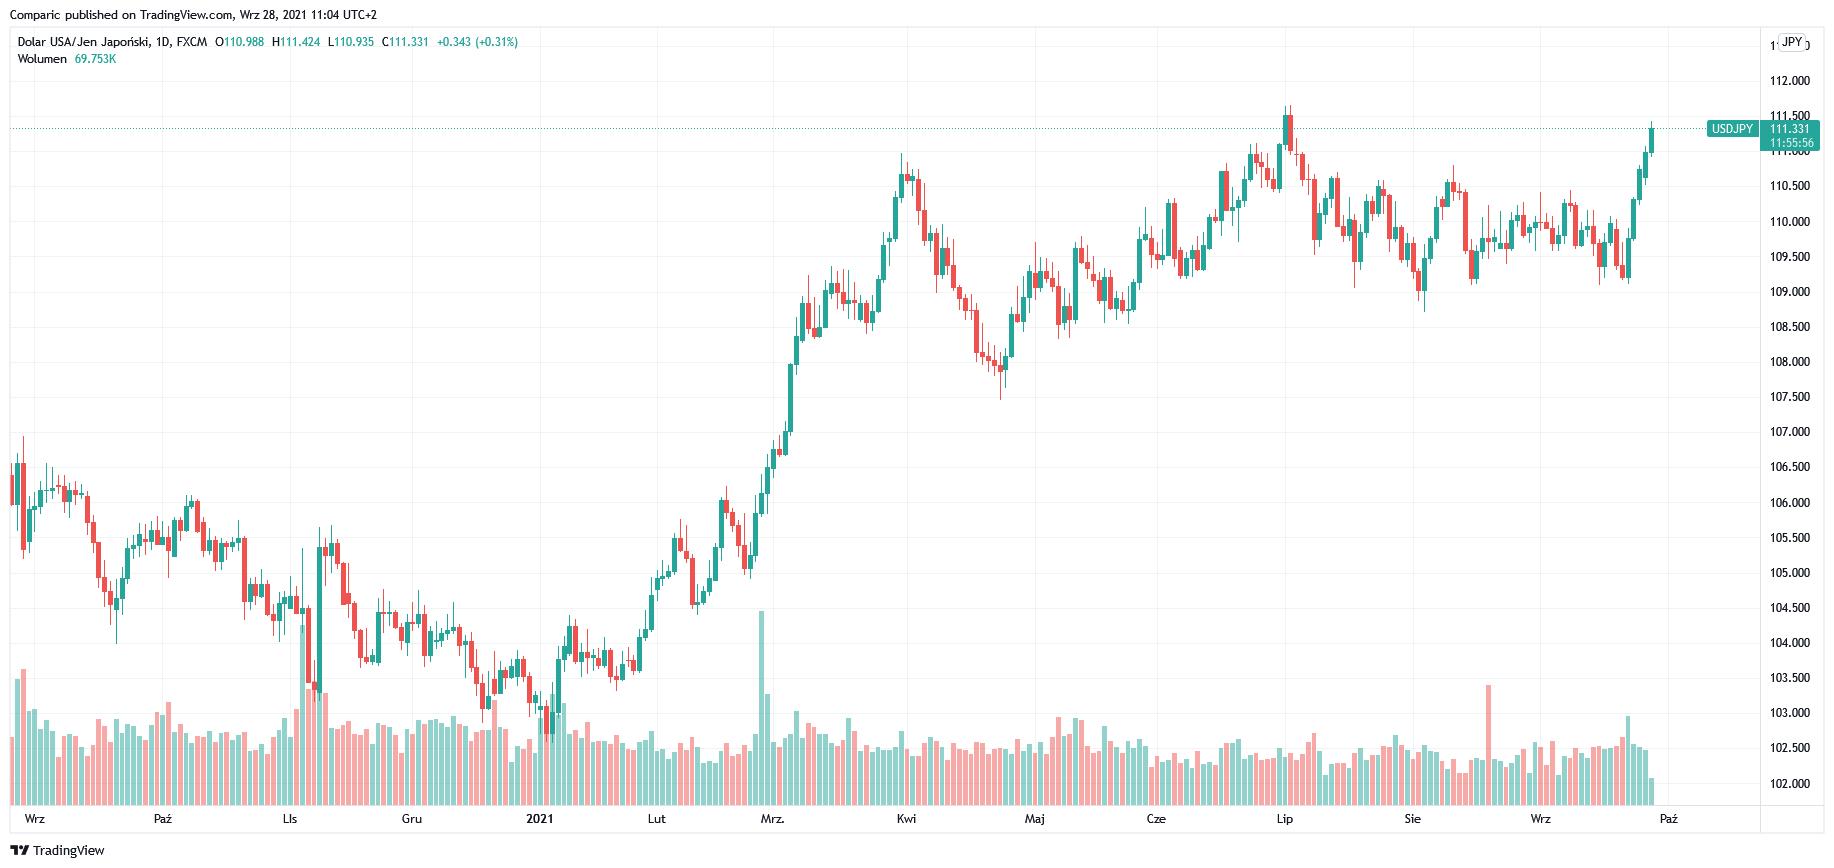 Dolar amerykański może się jeszcze umocnić. DXY w górę zdaniem ING FX